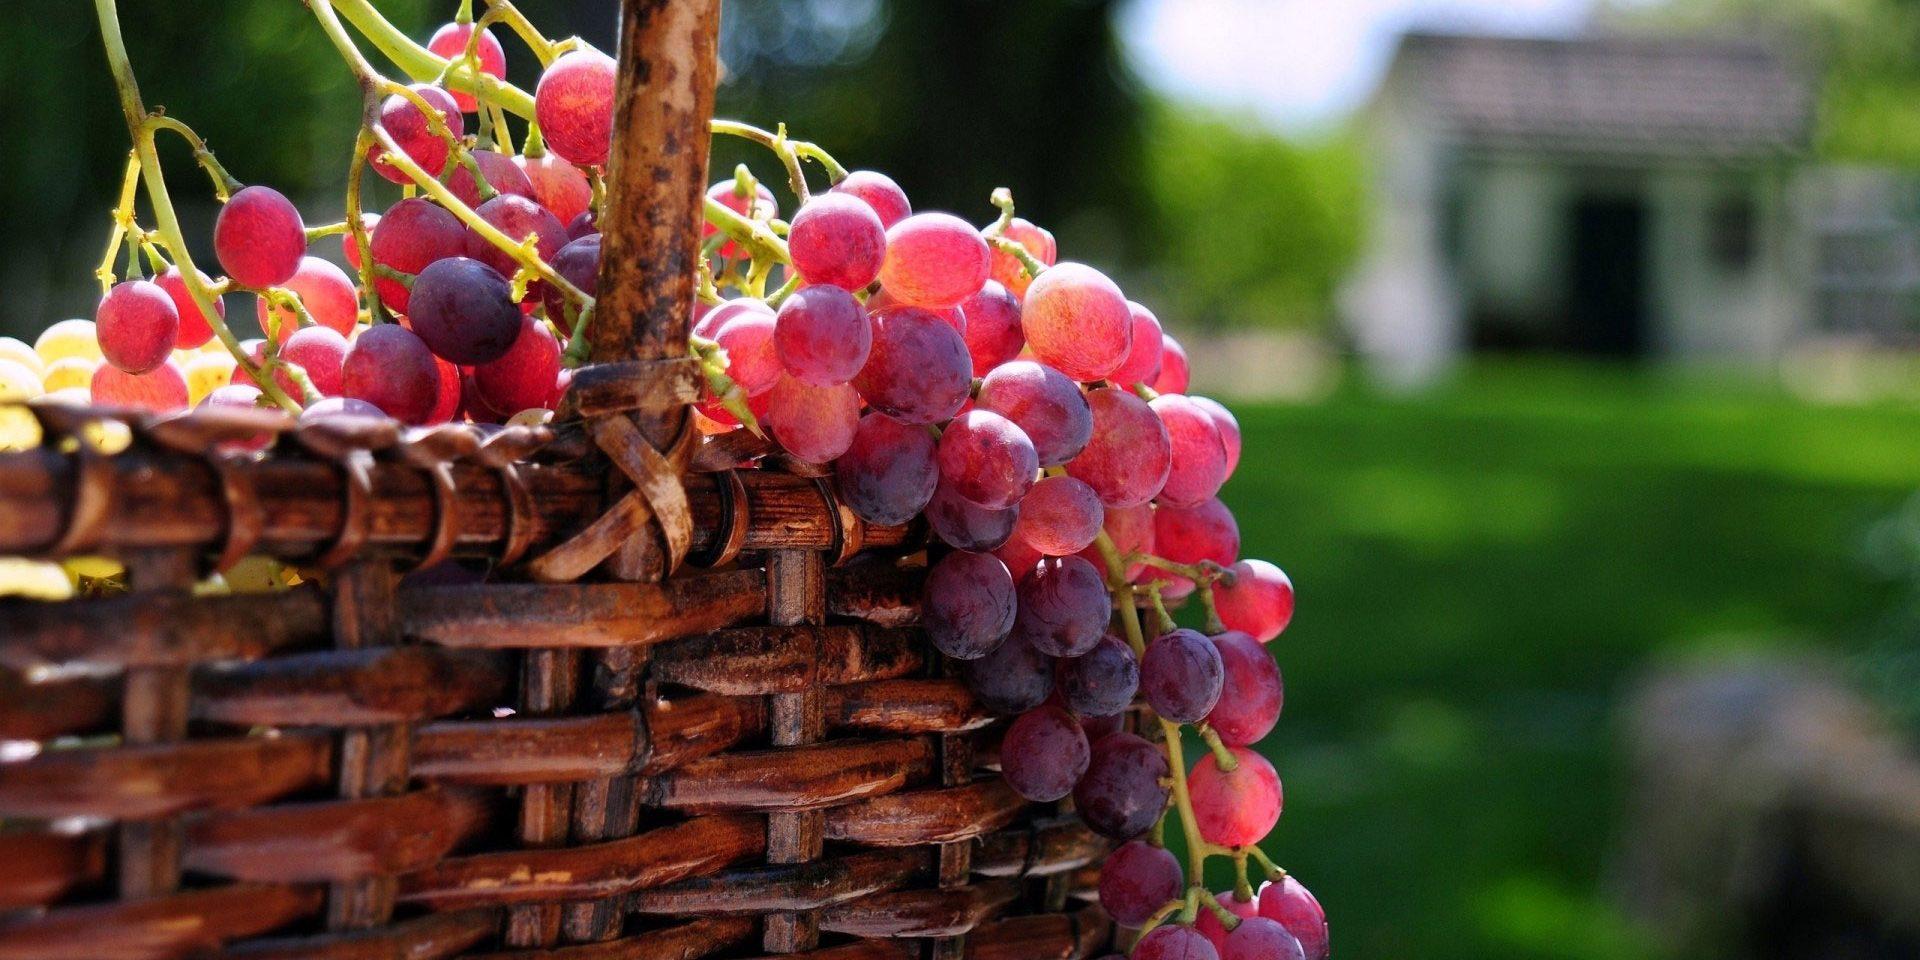 صورة فوائد العنب الاحمر , ماهي فائدة العنب الاحمر علي الصحة